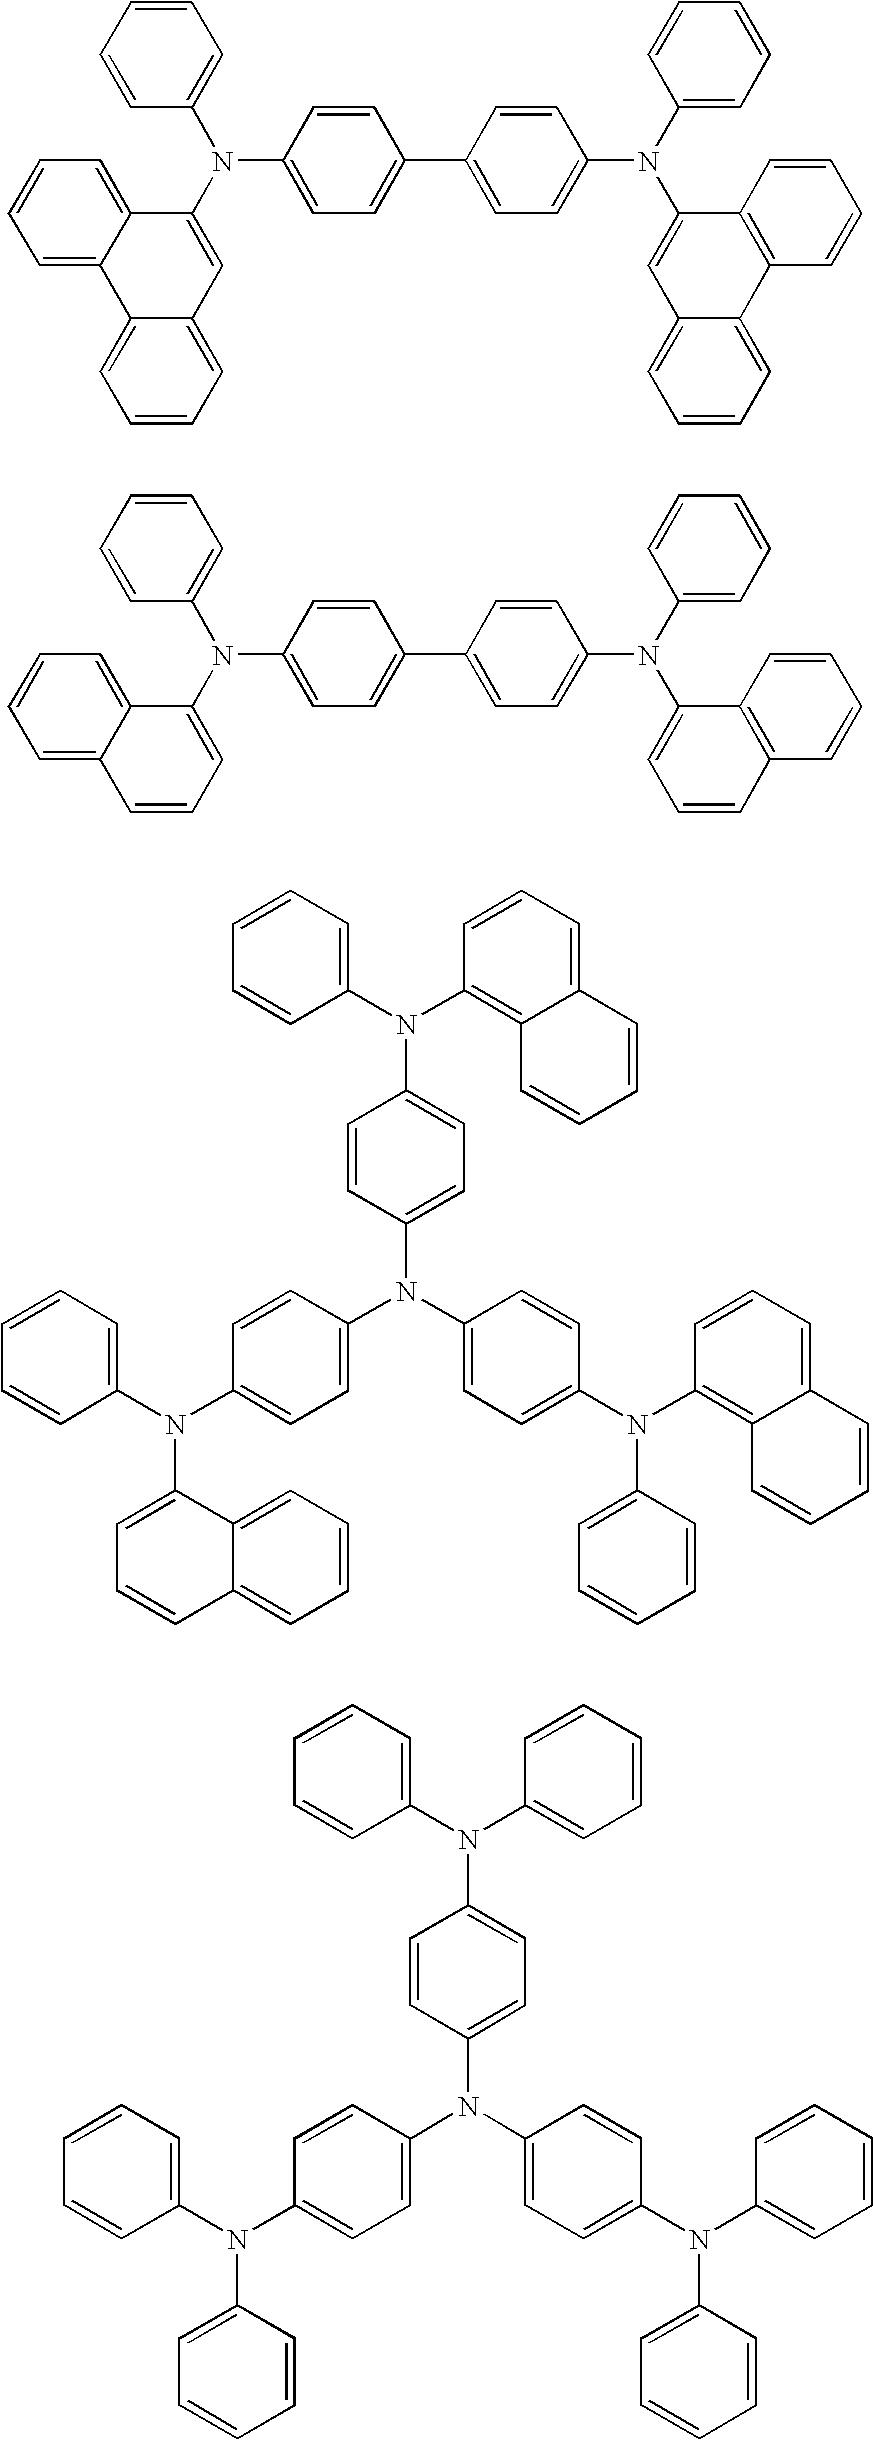 Figure US20080238300A1-20081002-C00006